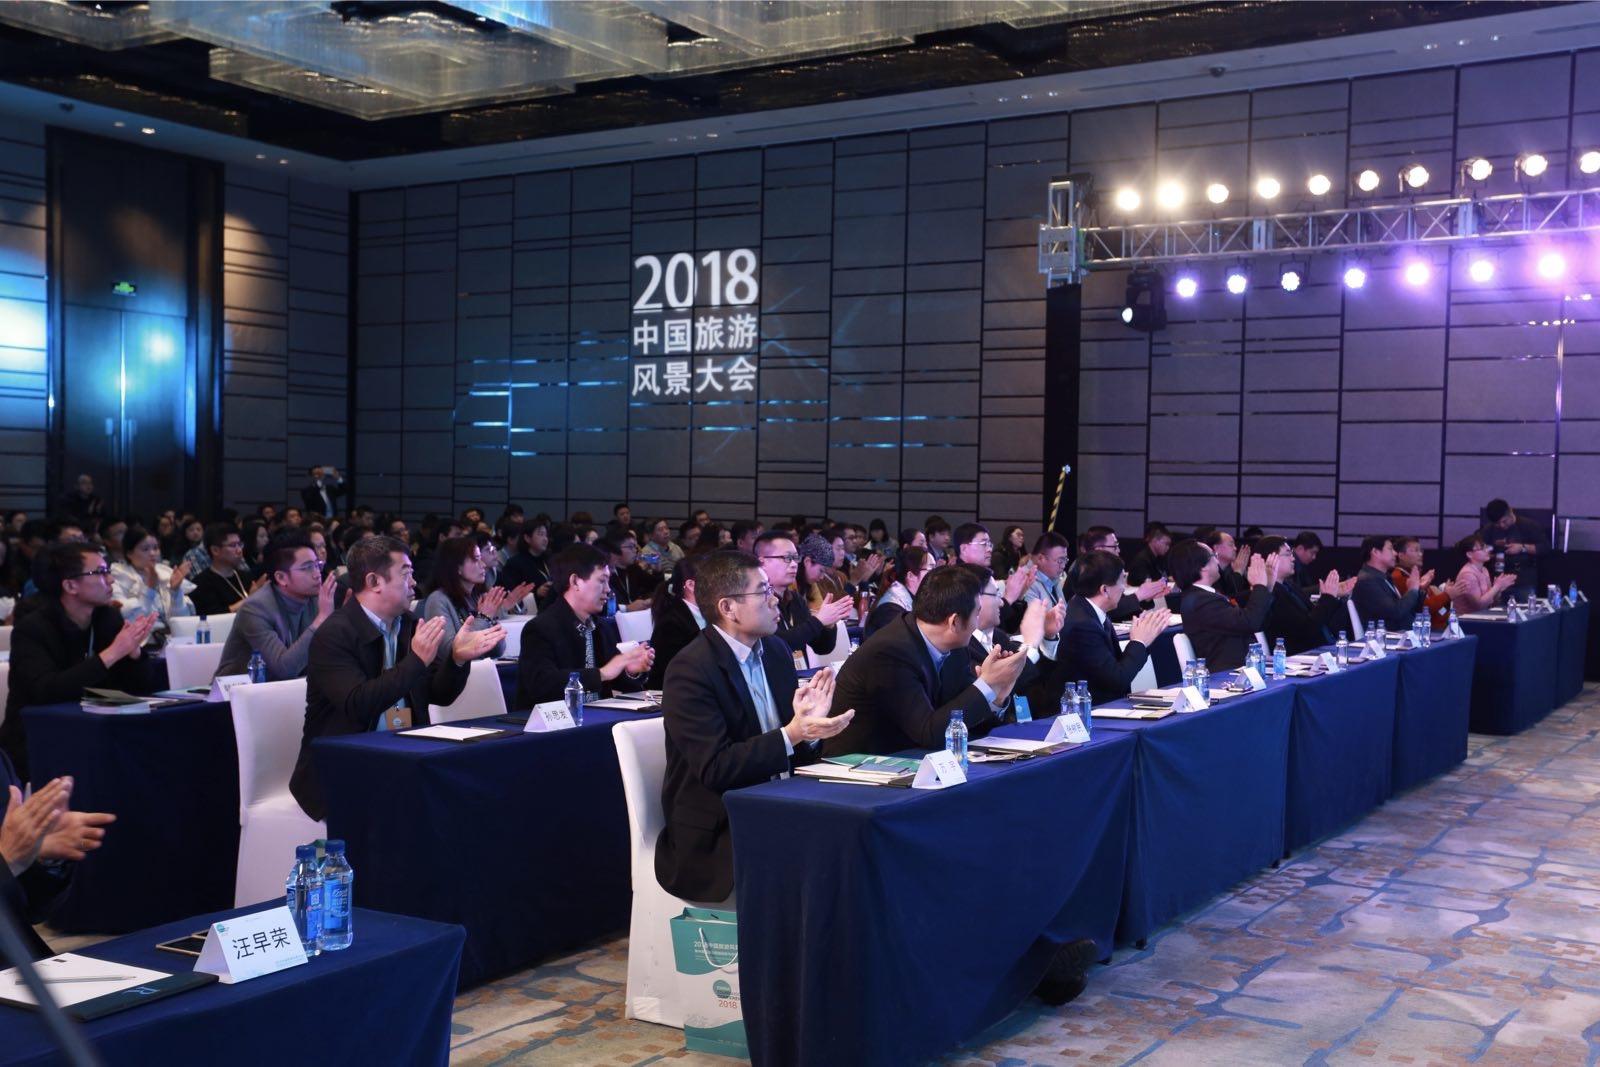 2018中国旅游风景大会:旅游业共寻创新蓝海